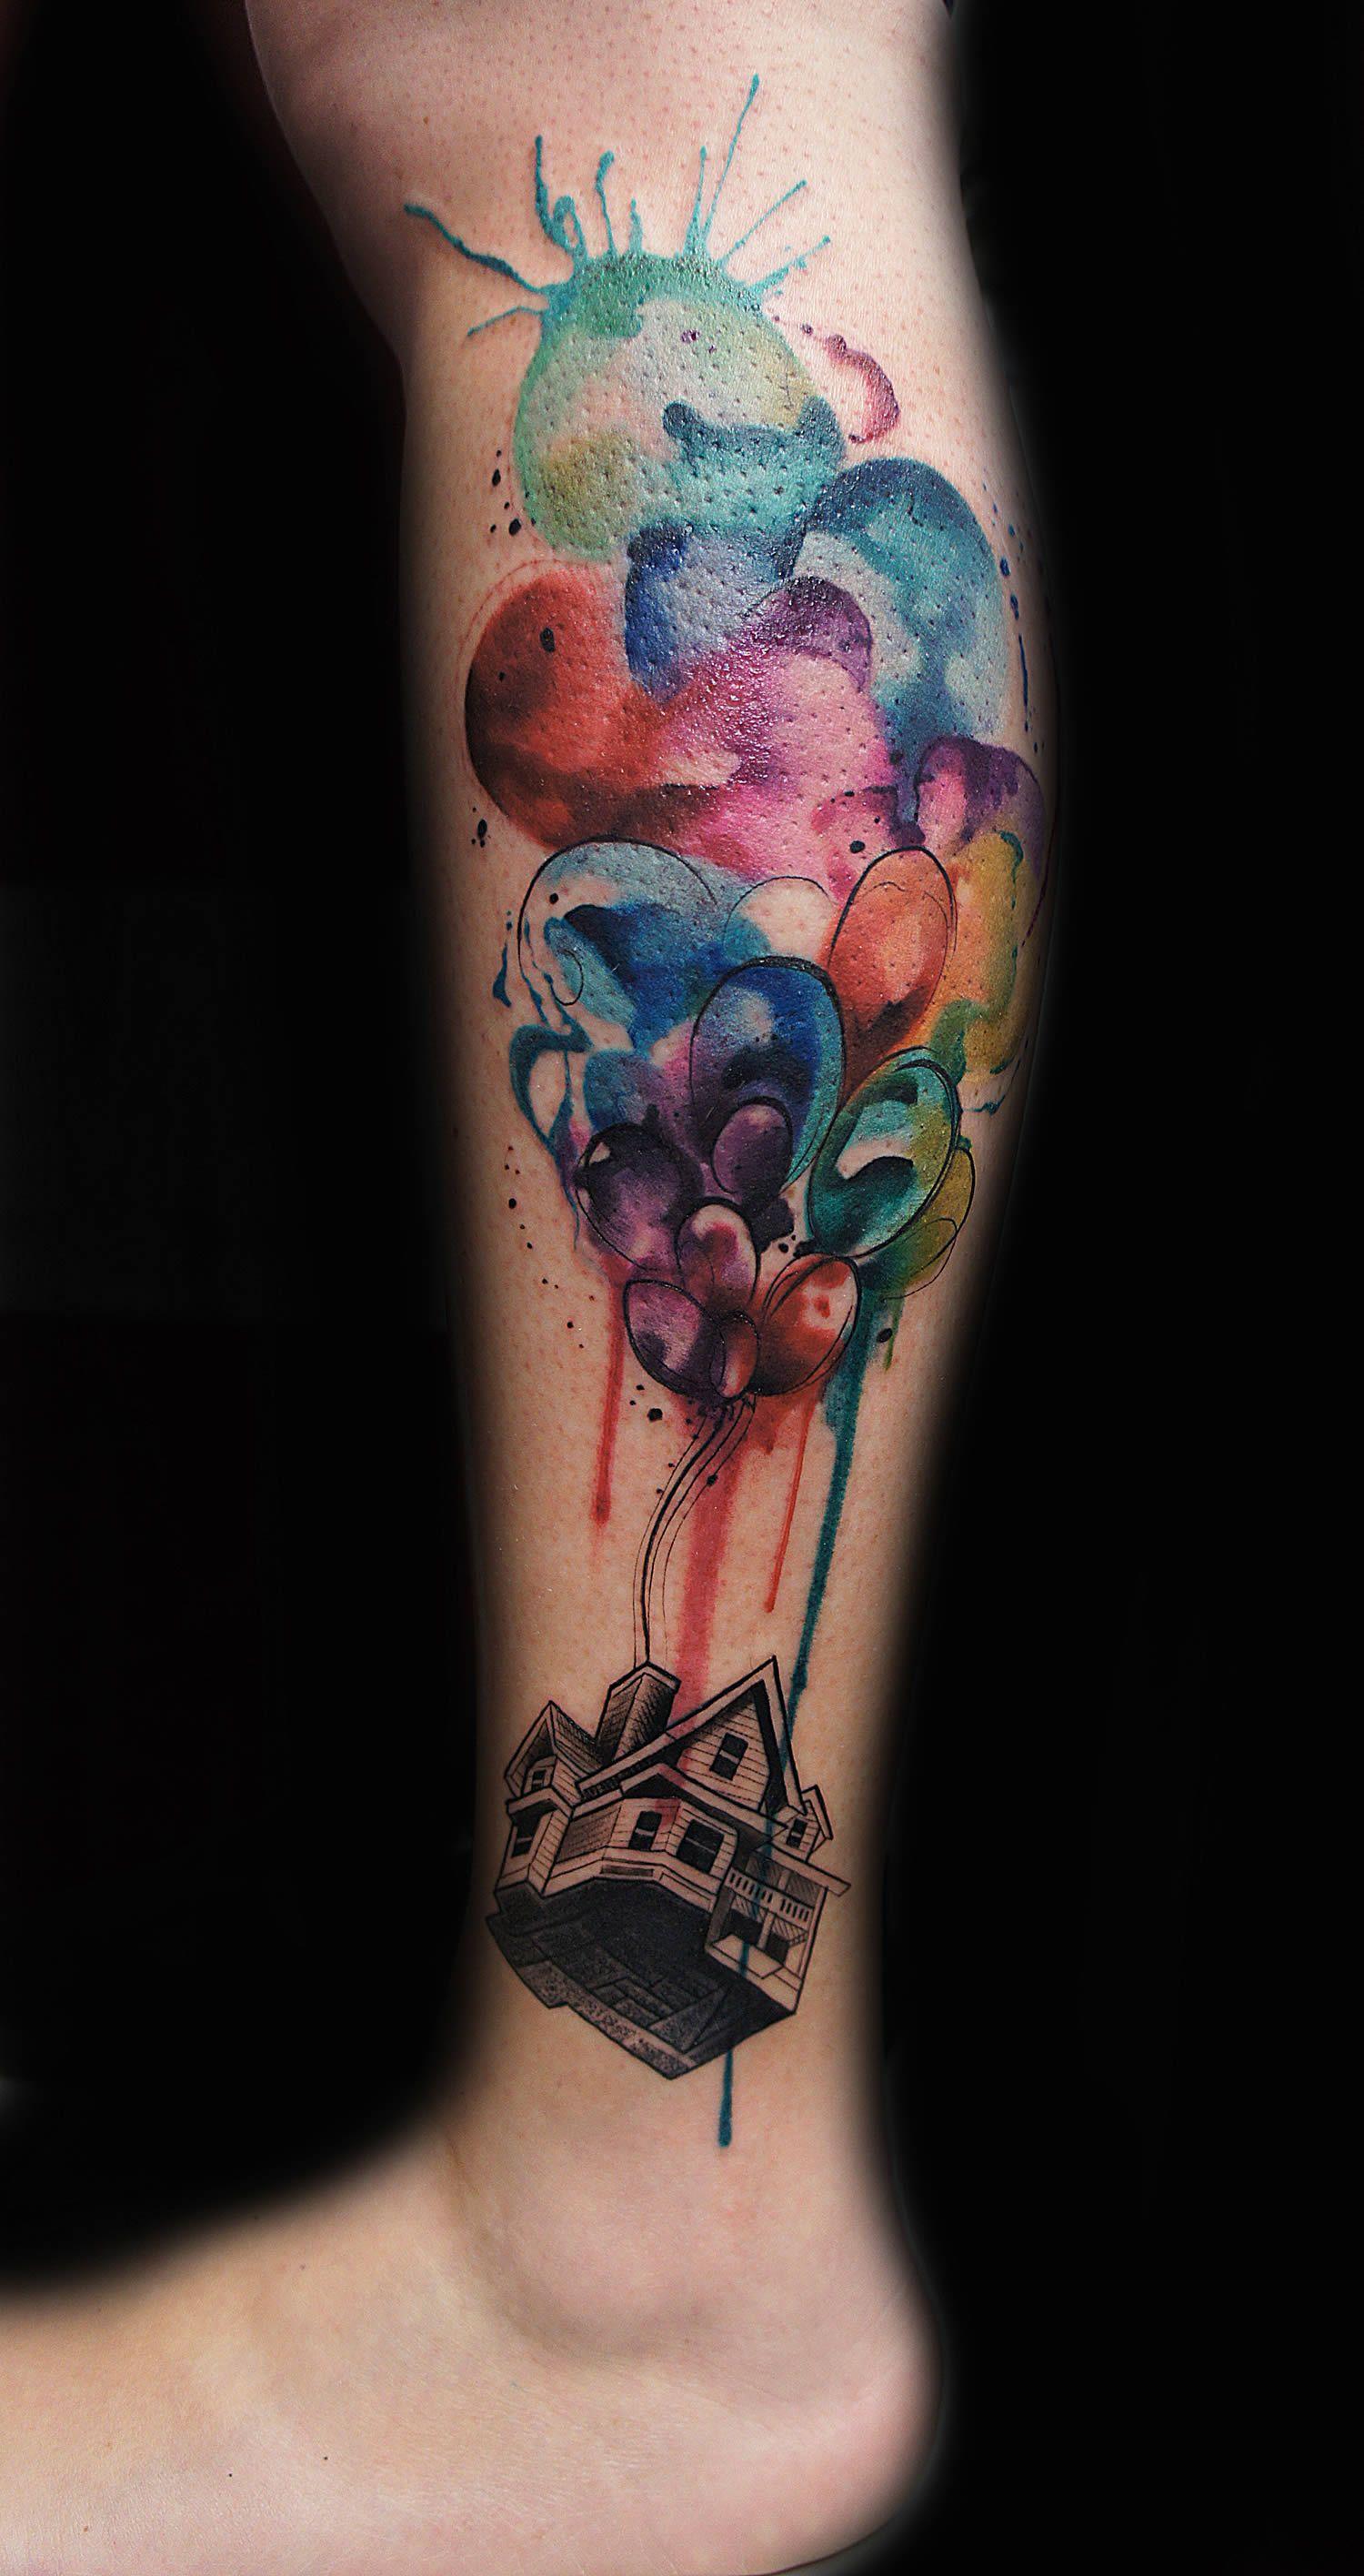 The Tattoo Freestyler Tattoo Pinterest Tatuajes Arte Del